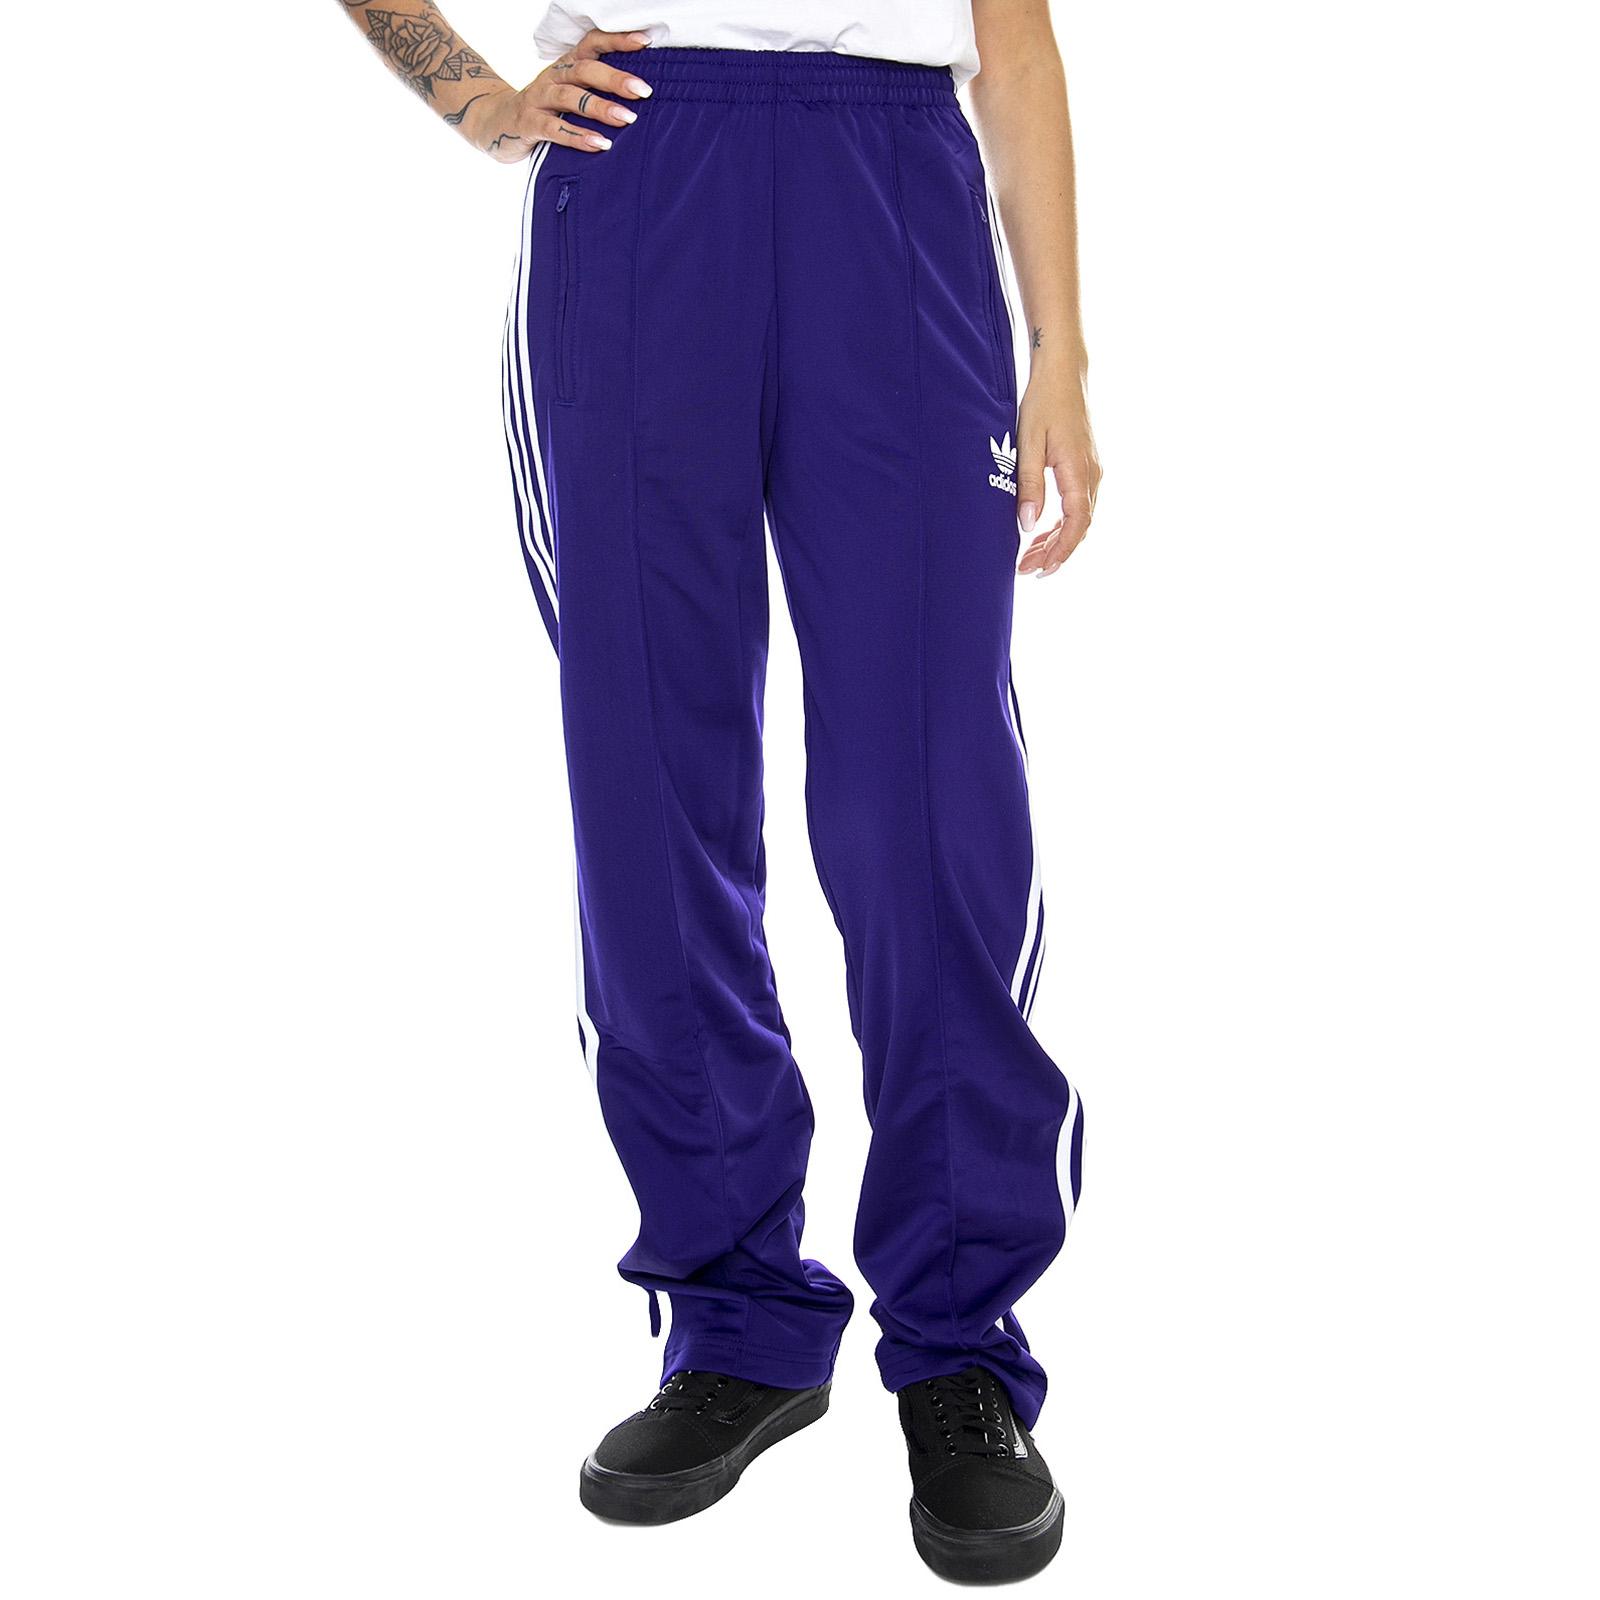 pantaloni adidas donna bande laterali